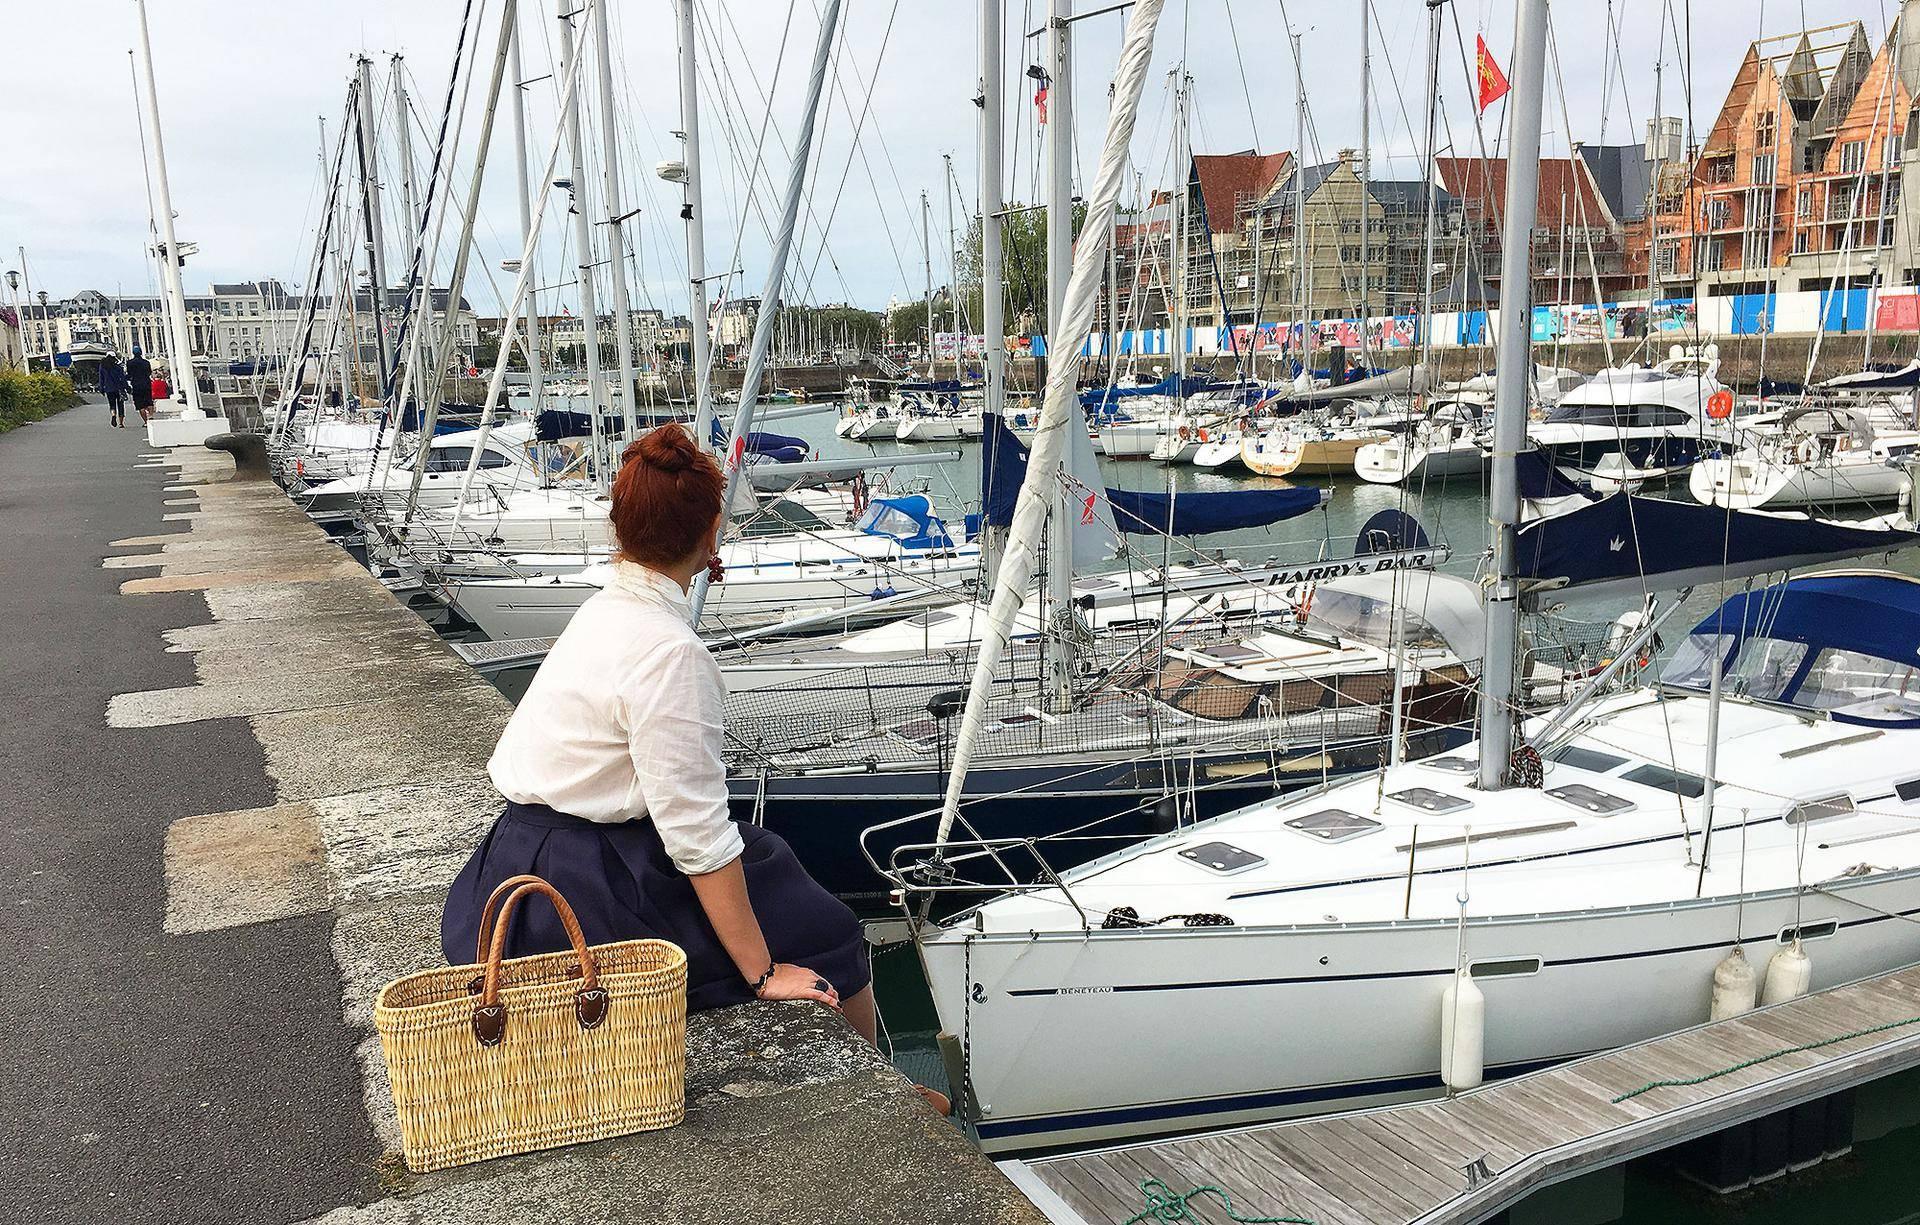 Marina de Deauville